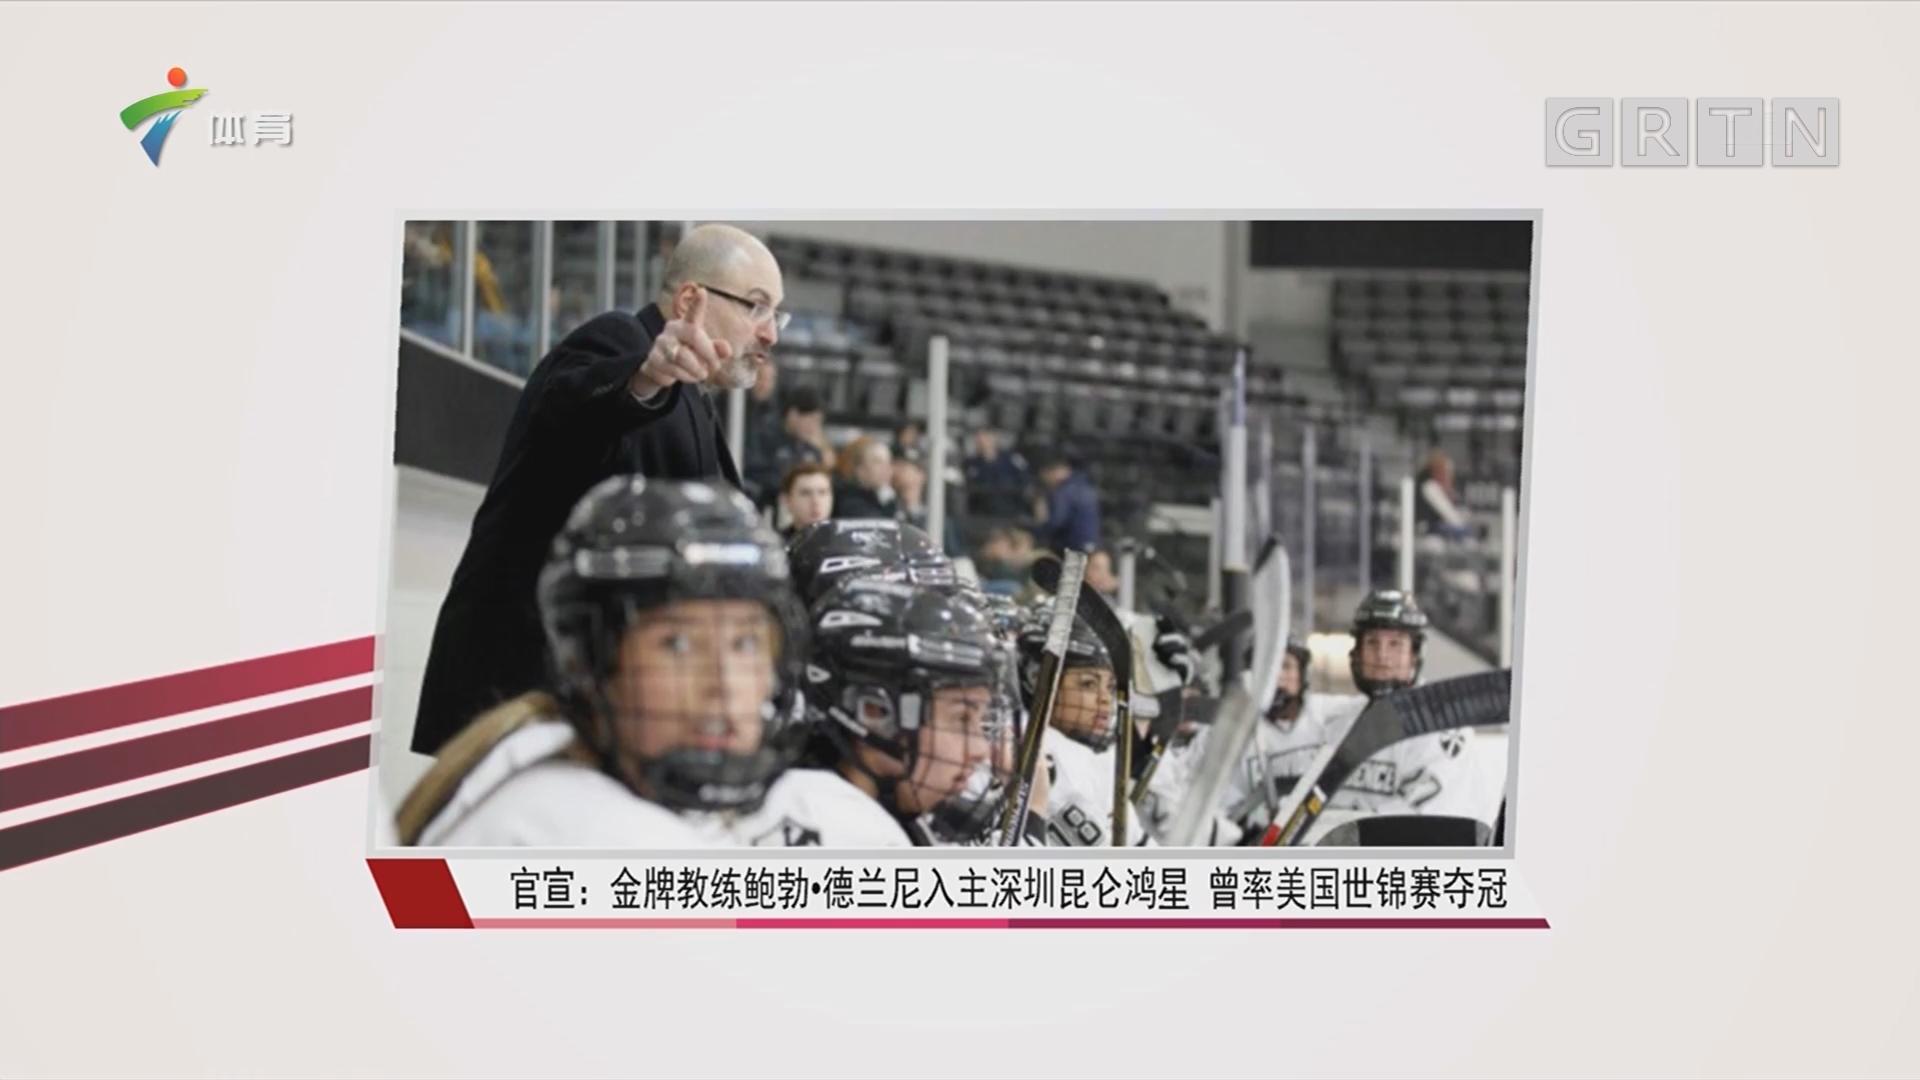 官宣:金牌教练鲍勃·德兰尼入主深圳昆仑鸿星 曾率美国世锦赛夺冠